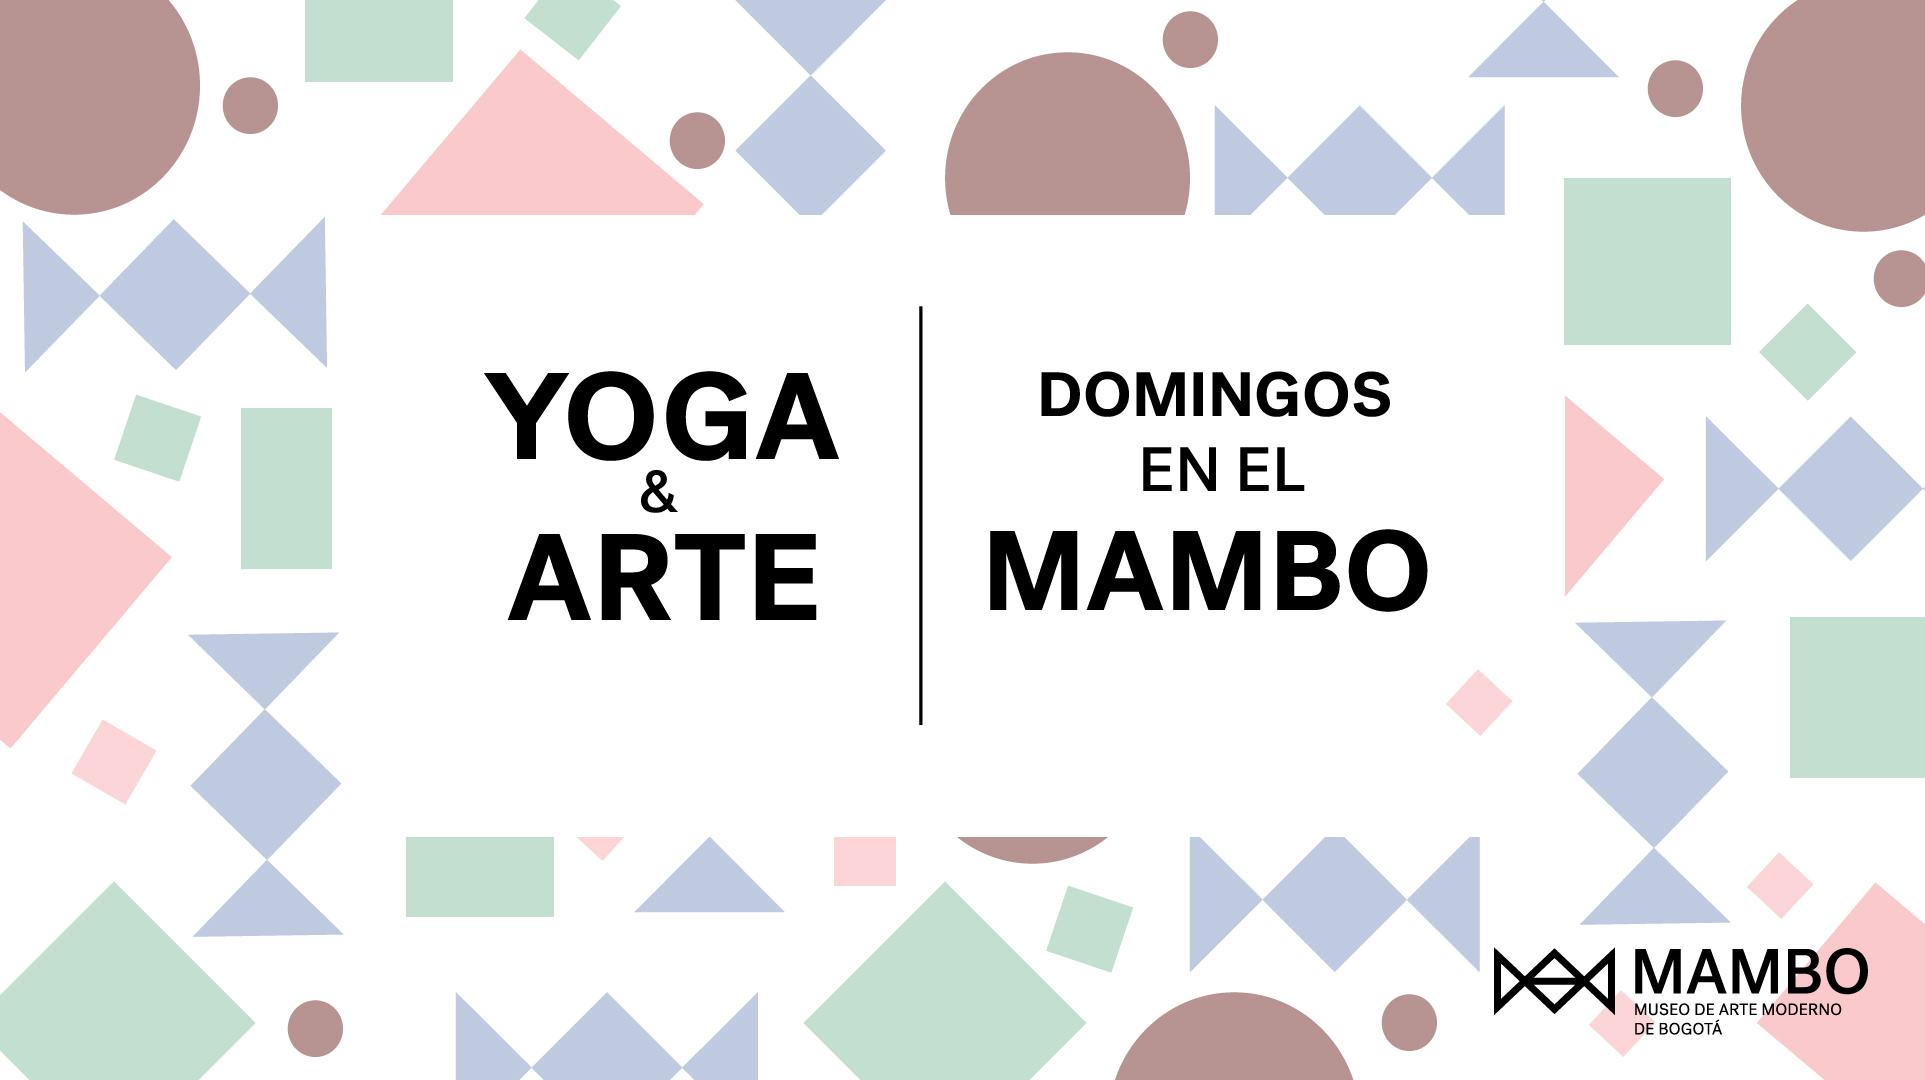 DOMINGOS DE YOGA EN EL MAMBO 🍃🧘♀